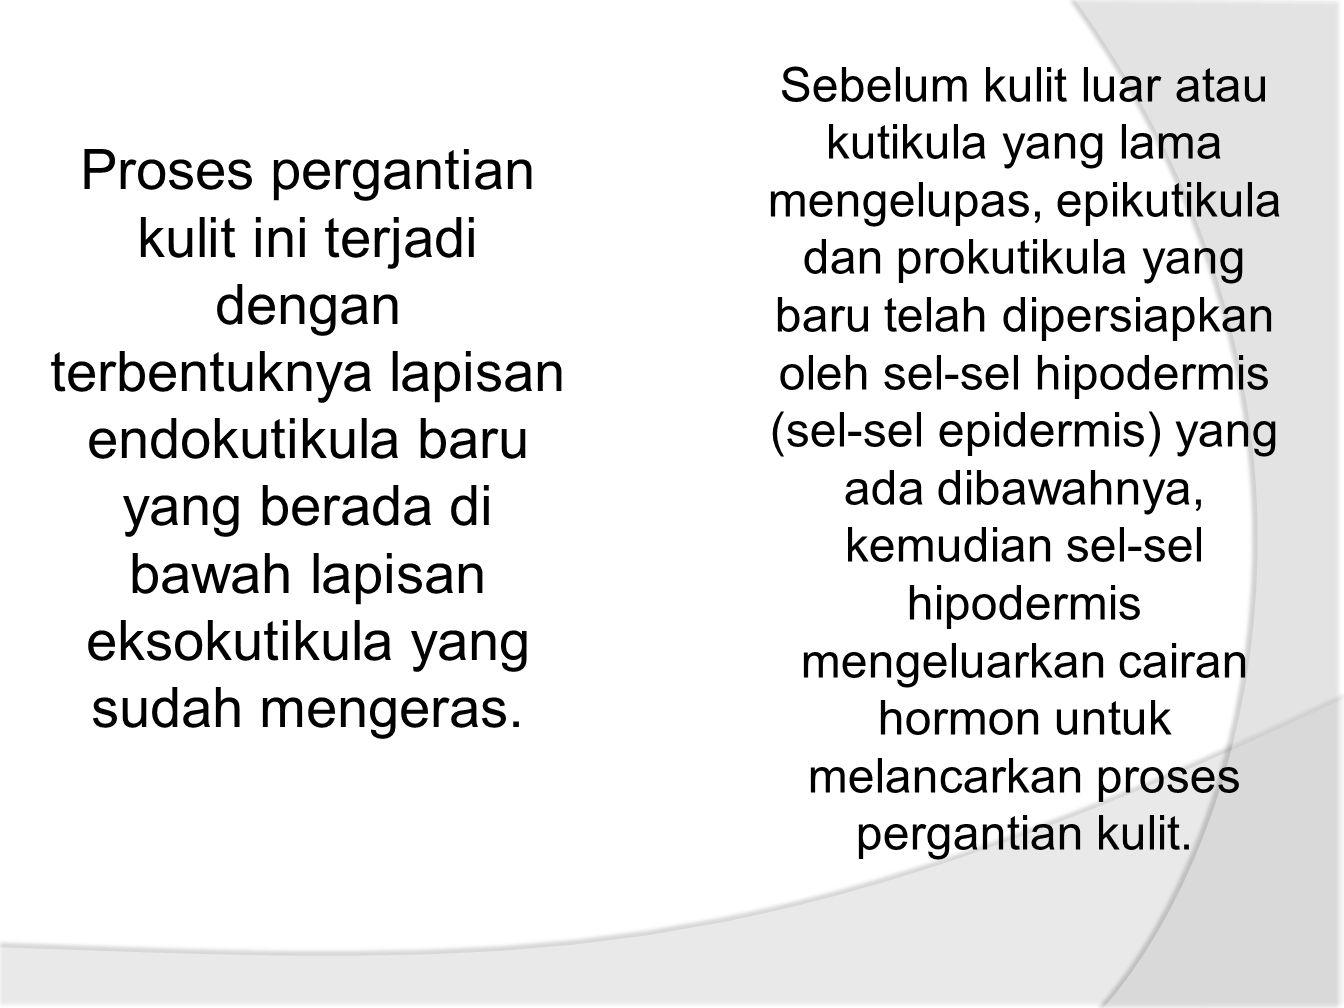 Sebelum kulit luar atau kutikula yang lama mengelupas, epikutikula dan prokutikula yang baru telah dipersiapkan oleh sel-sel hipodermis (sel-sel epidermis) yang ada dibawahnya, kemudian sel-sel hipodermis mengeluarkan cairan hormon untuk melancarkan proses pergantian kulit.